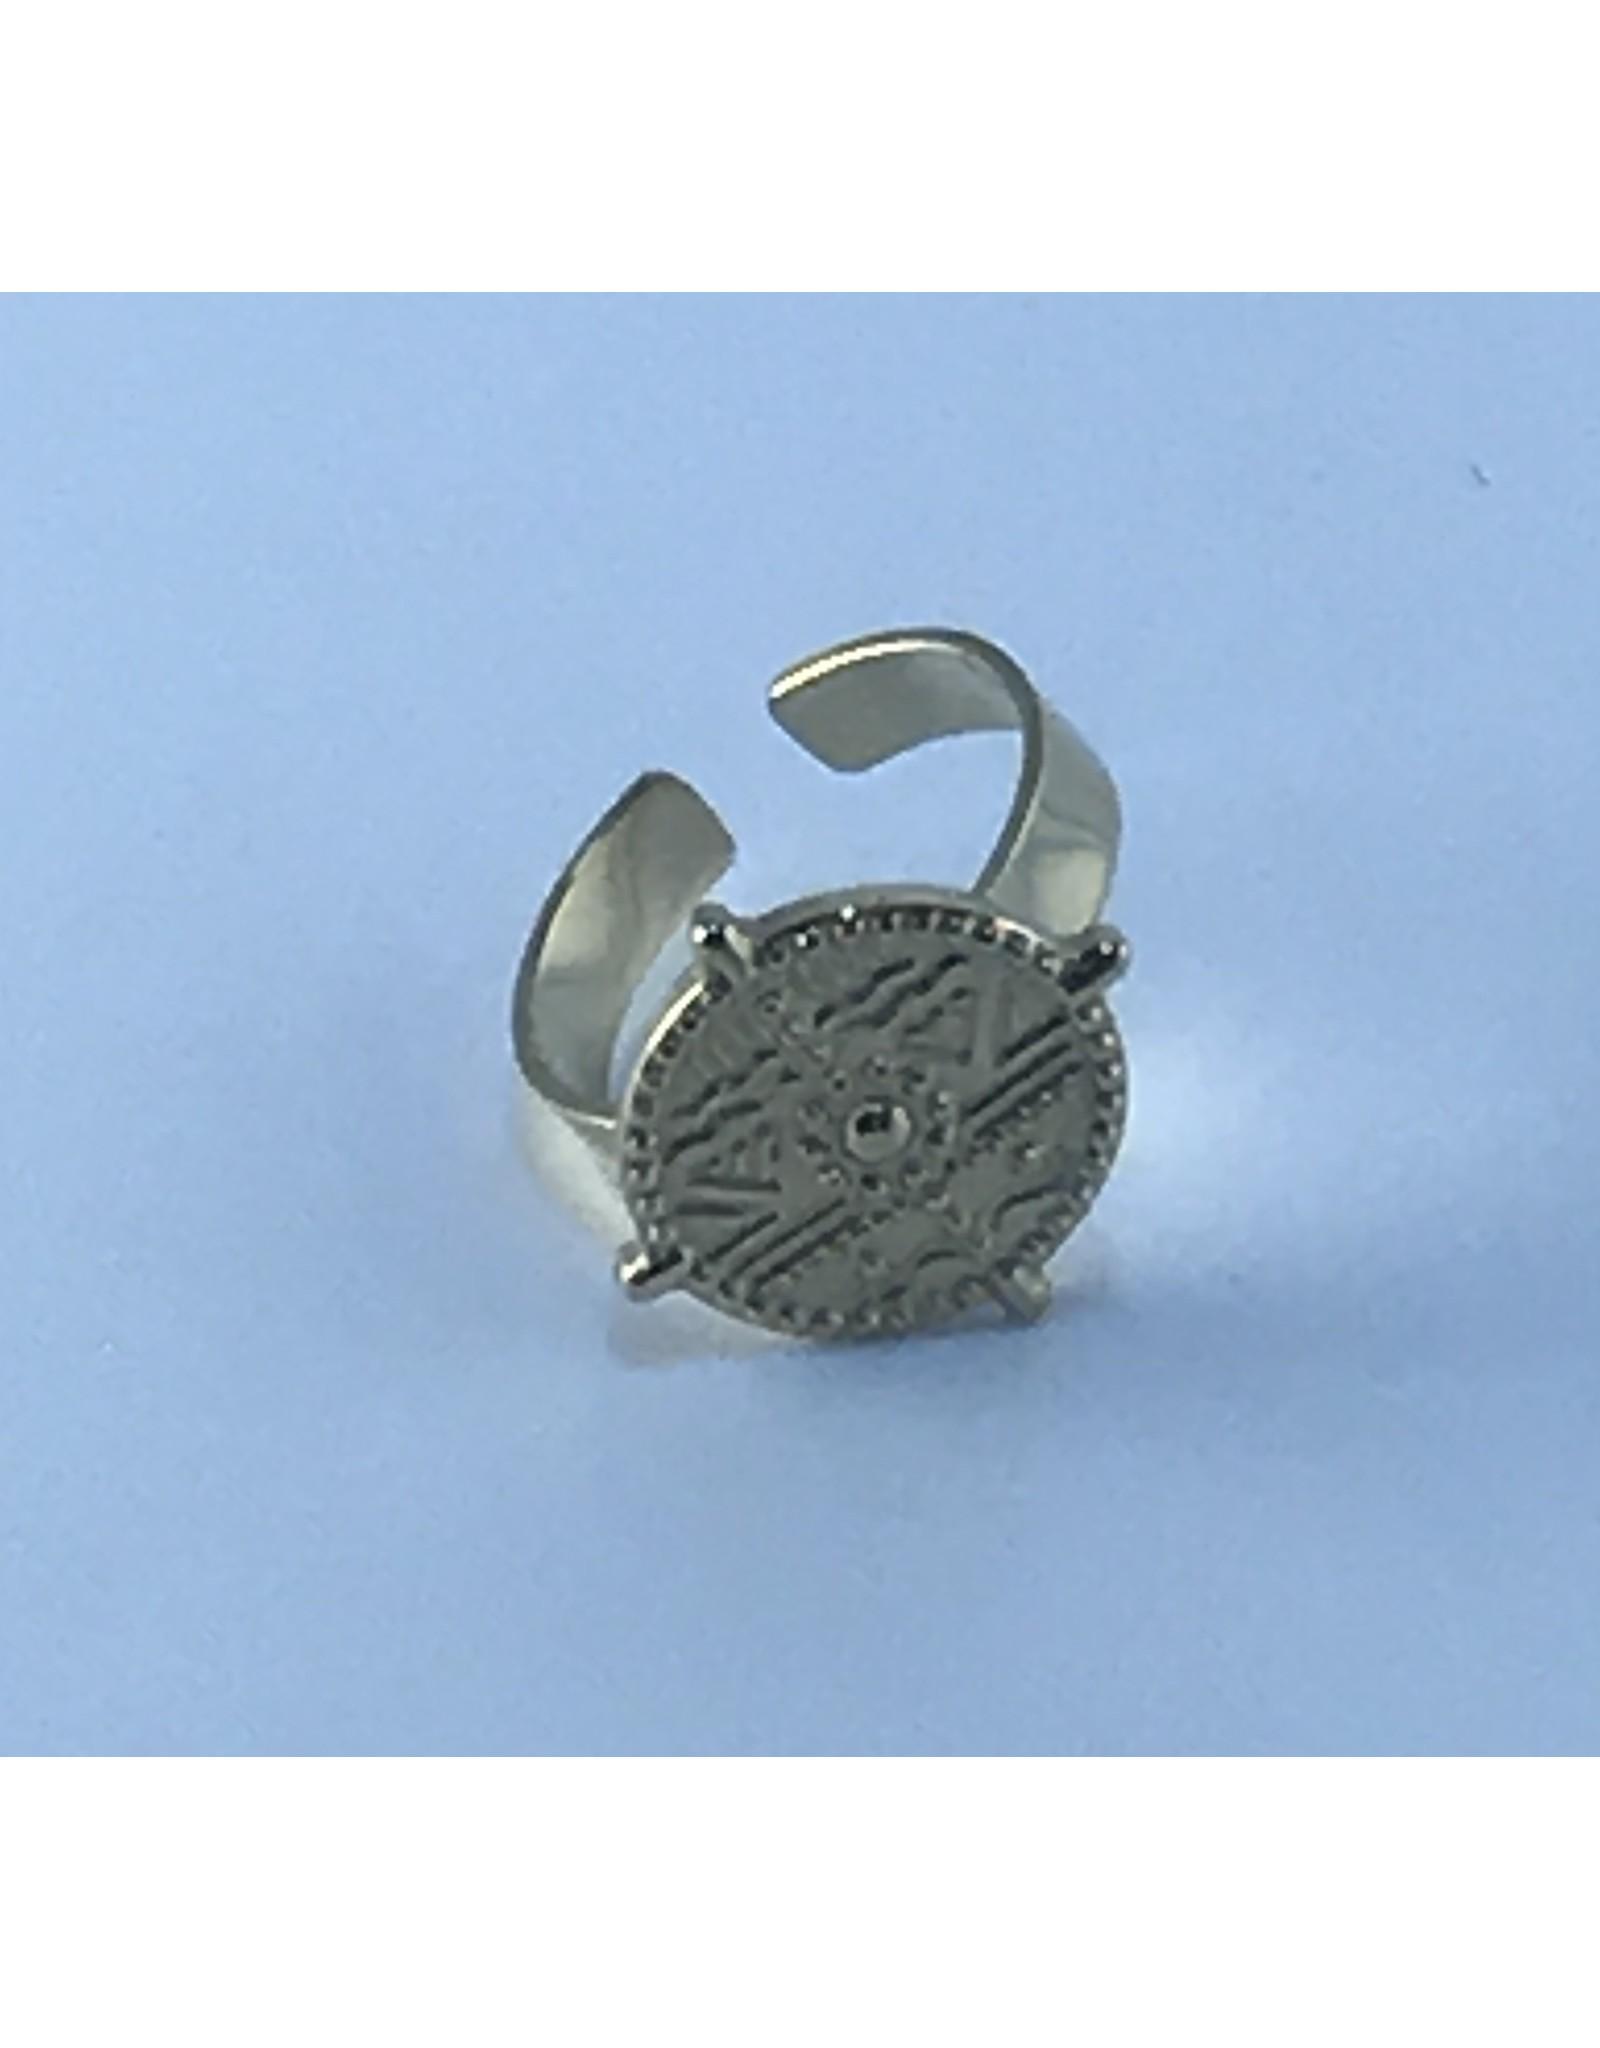 Axxes-Soir Ring - 1 maat - verstelbaar-goudkleurig - stempel